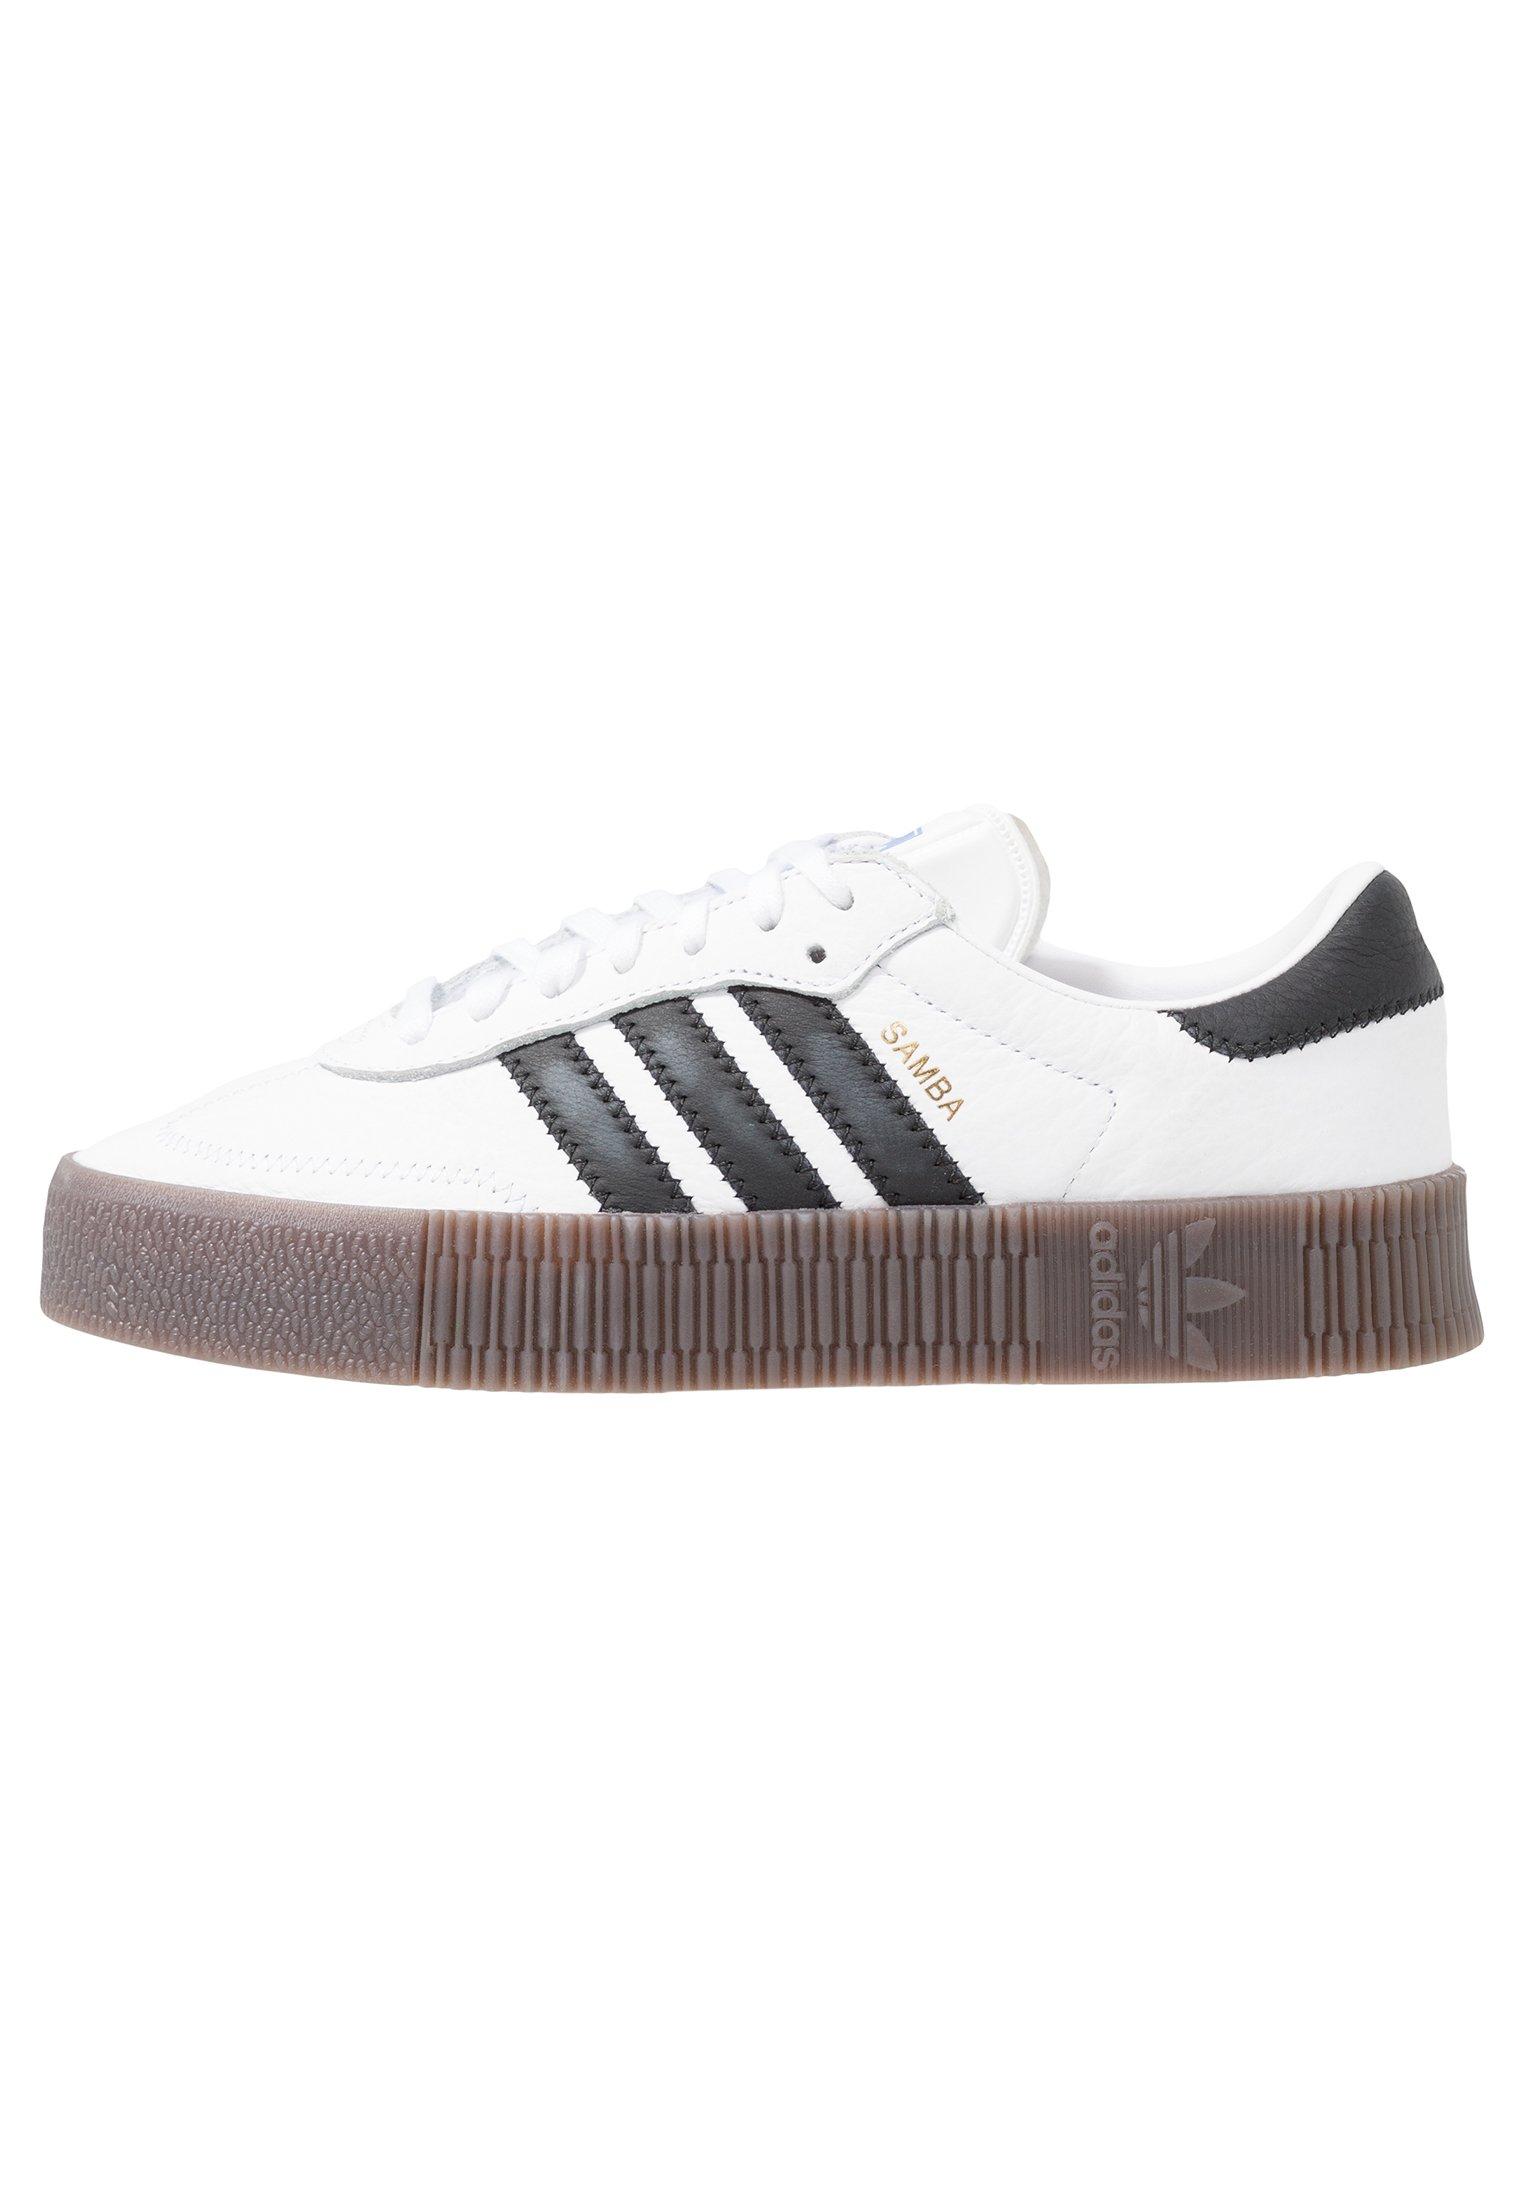 SAMBAROSE - Baskets basses - footwear white/core black